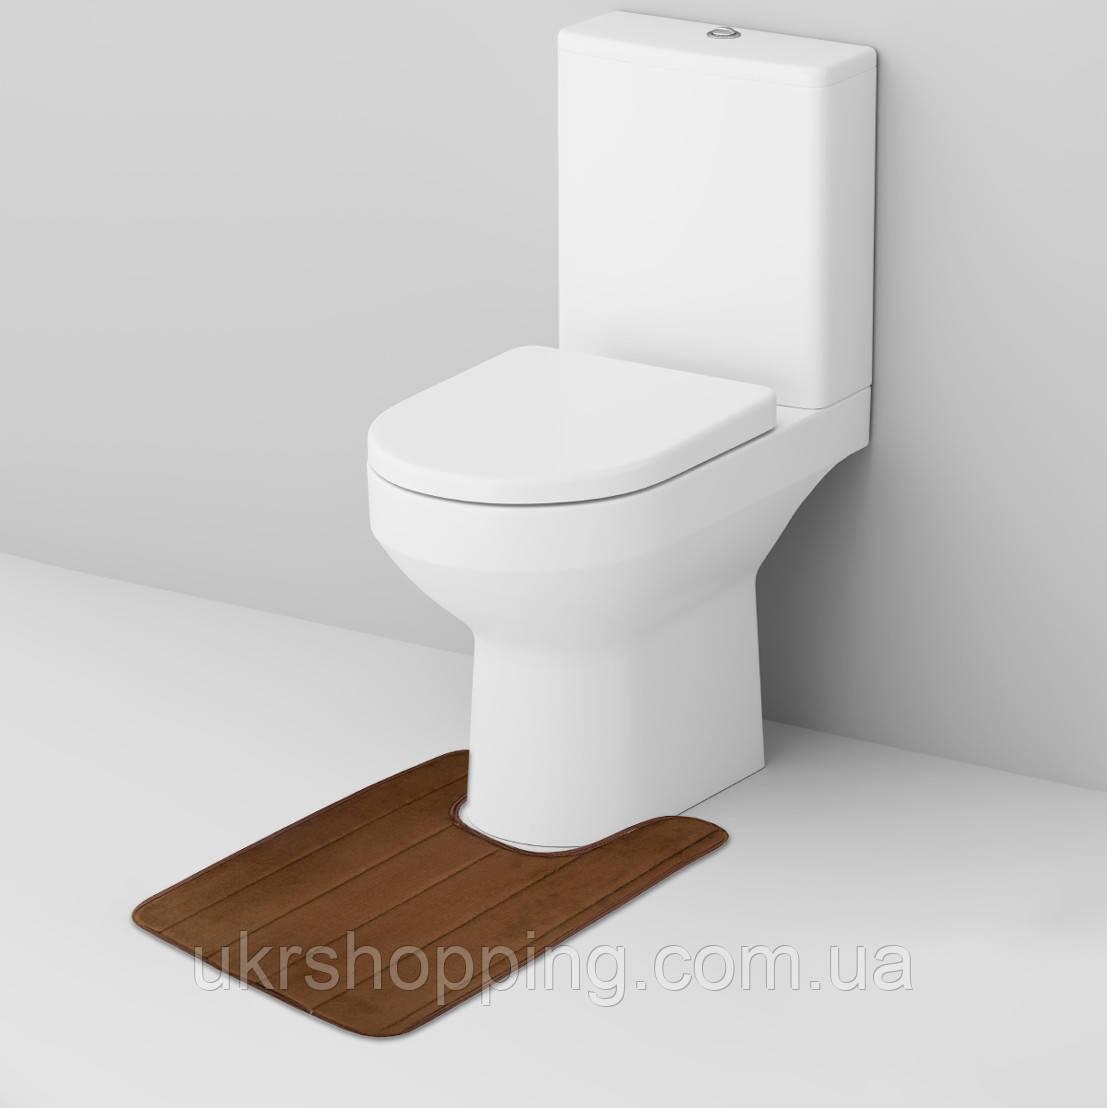 Tуалетный U-образный коврик с вырезом под унитаз для туалета (коричневый, 59х40 см) в туалет (SH)